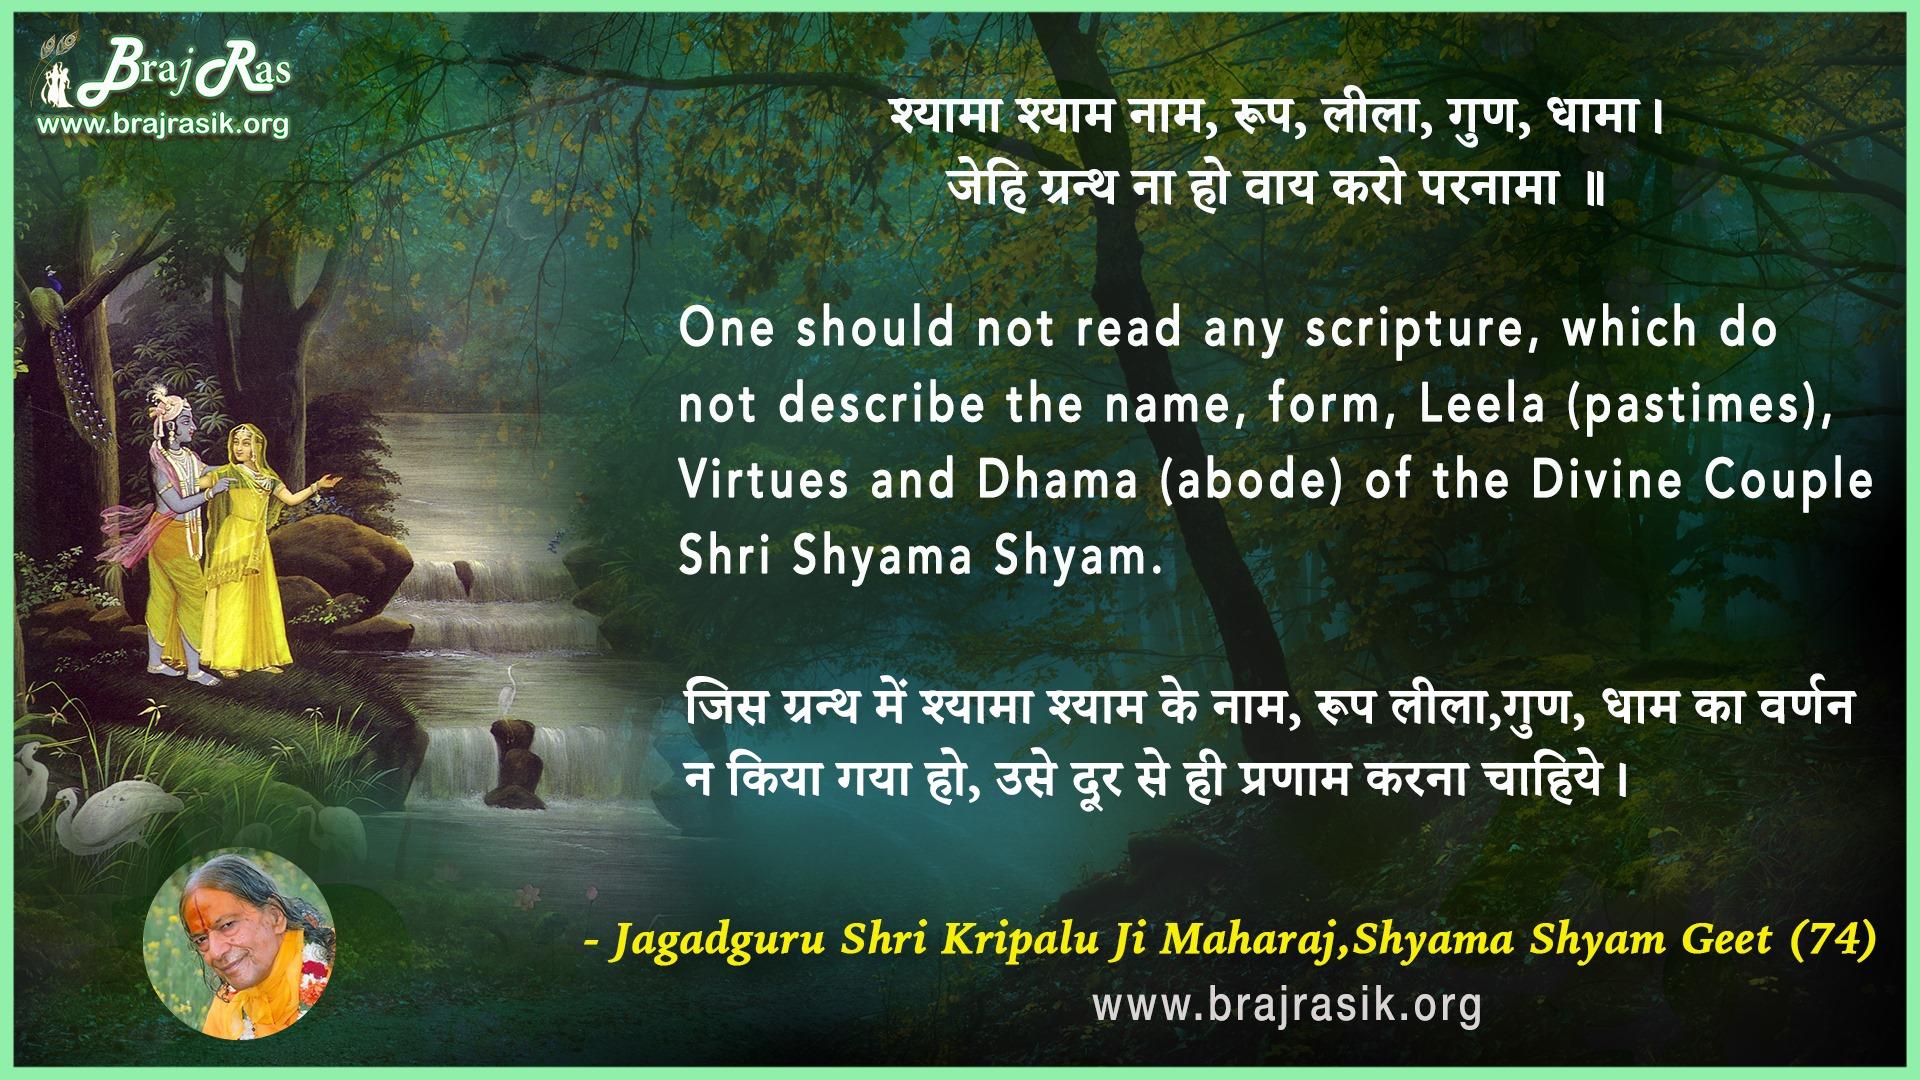 Shyama Shyam Naam, Roop, Leela, Gun, Dhama - Jagadguru Shri Kripalu Ji Maharaj, Shyama Shyam Geet (74)